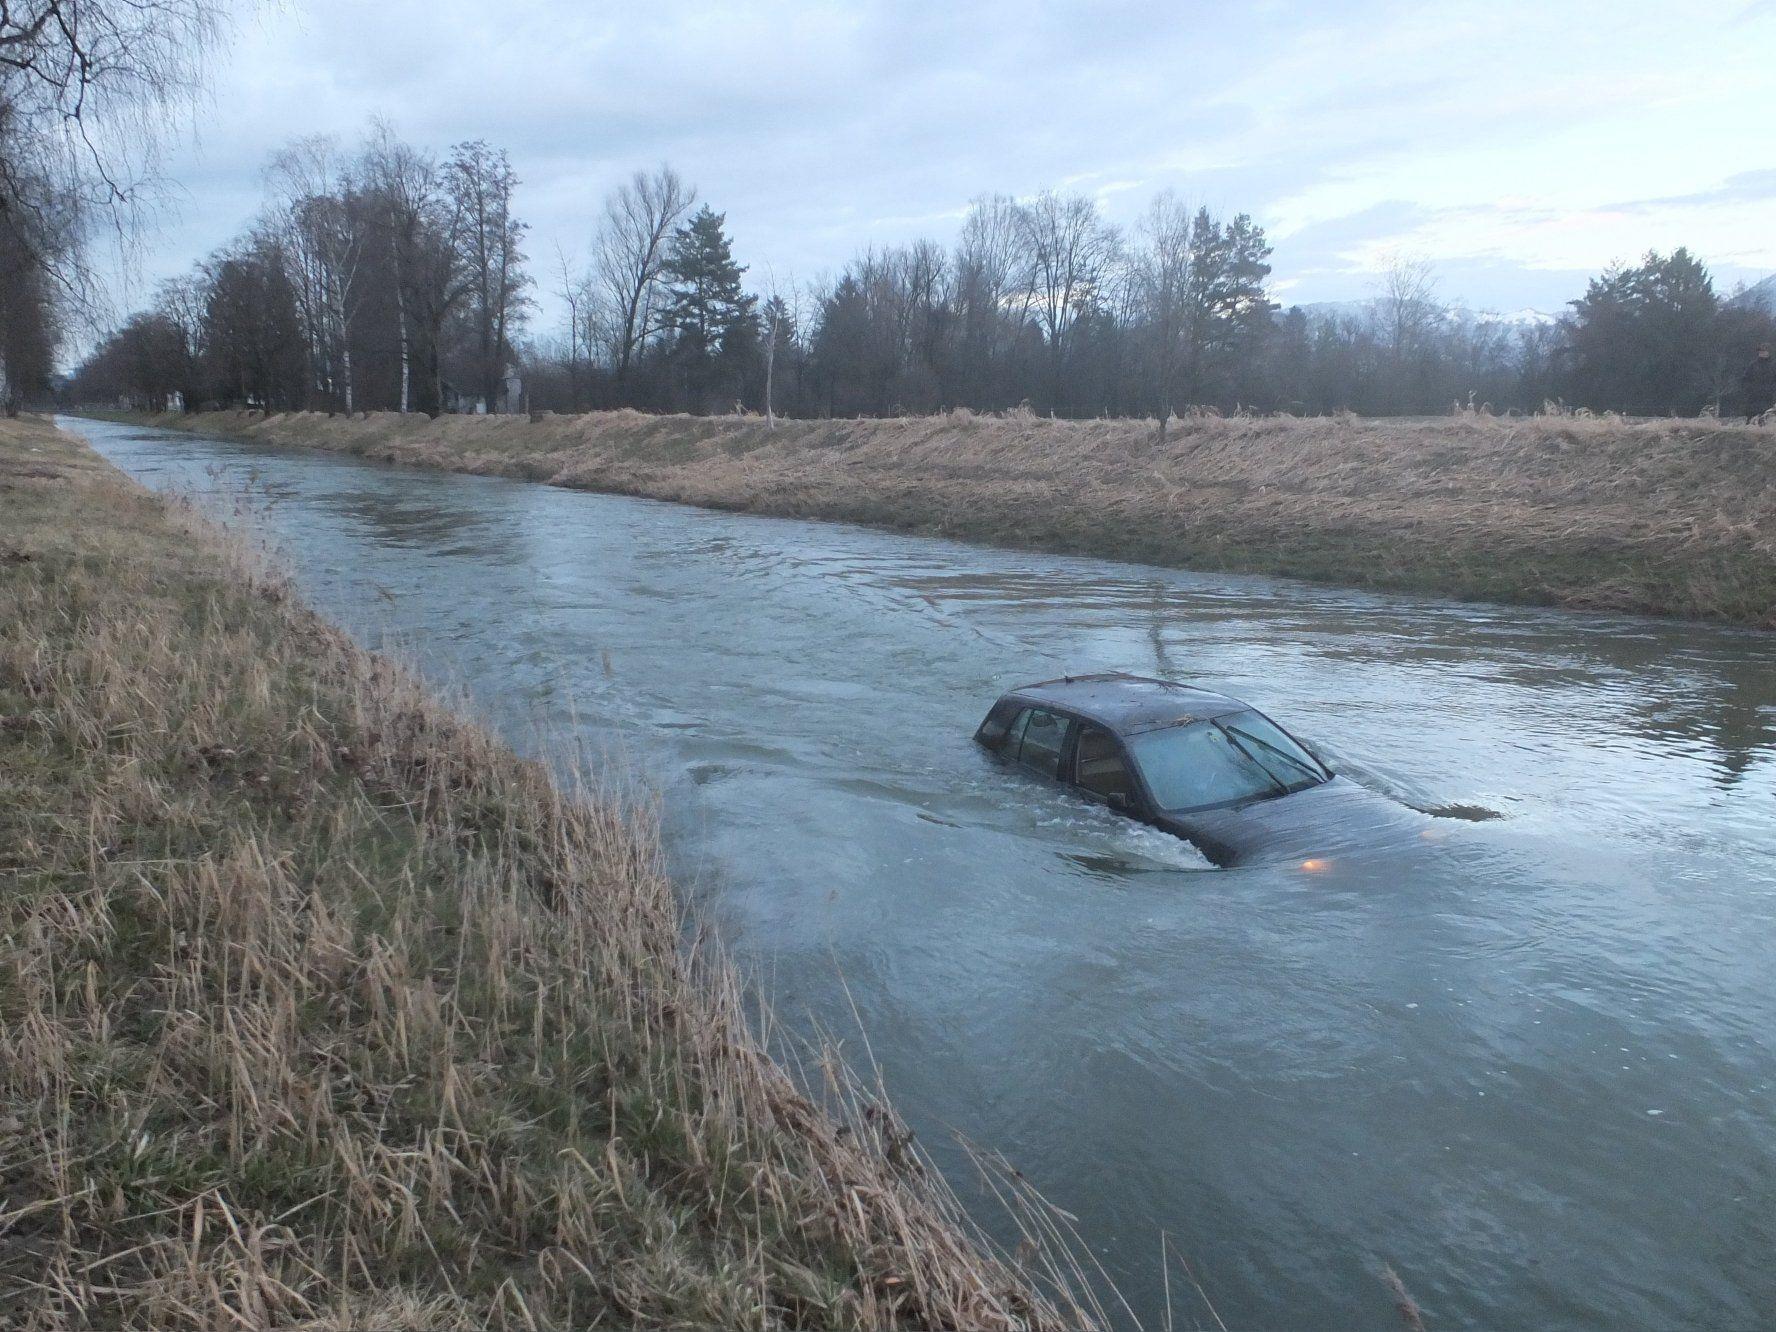 Glück im Unglück für 34-jährigen Autofahrer